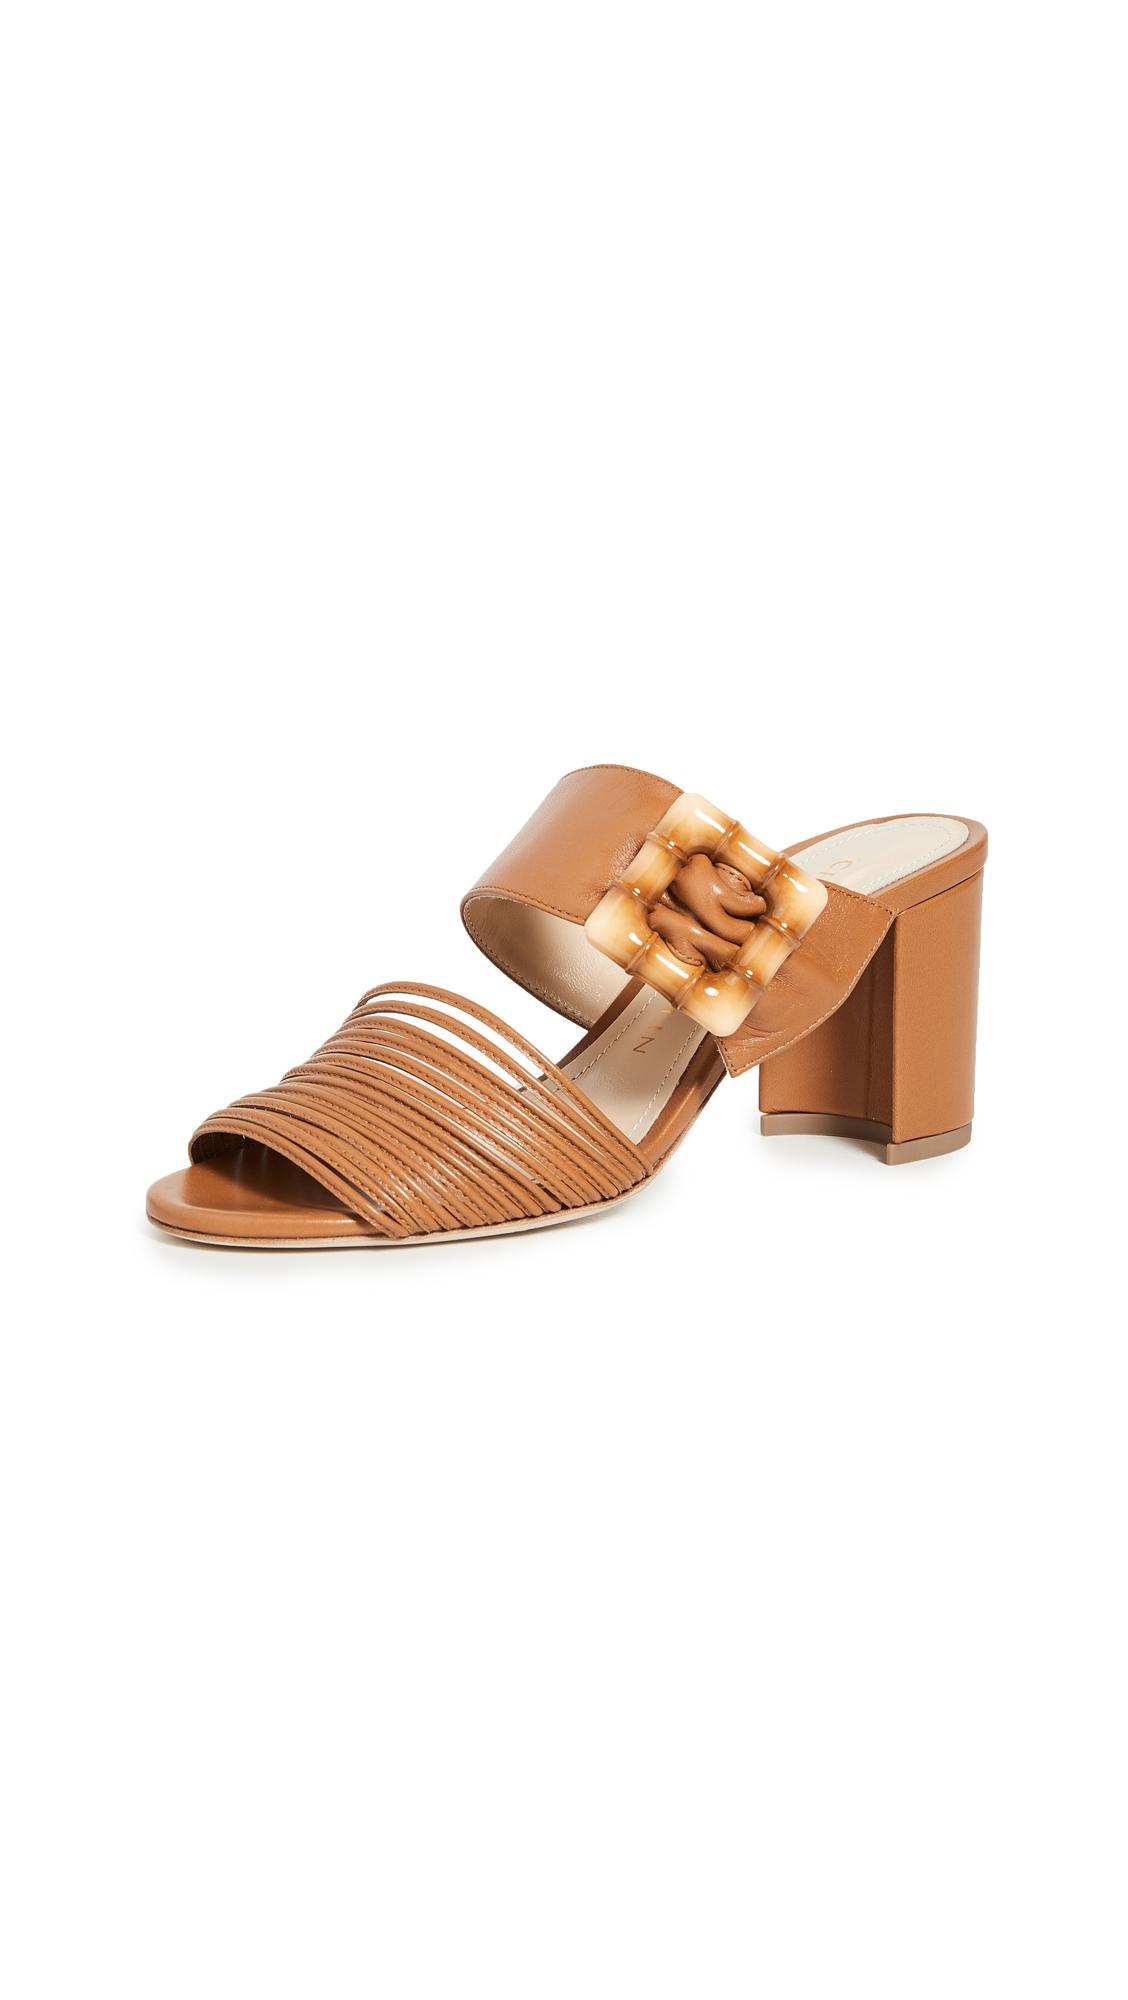 Buy Chloe Gosselin Fiona Bis Open Toe Mules online, shop Chloe Gosselin